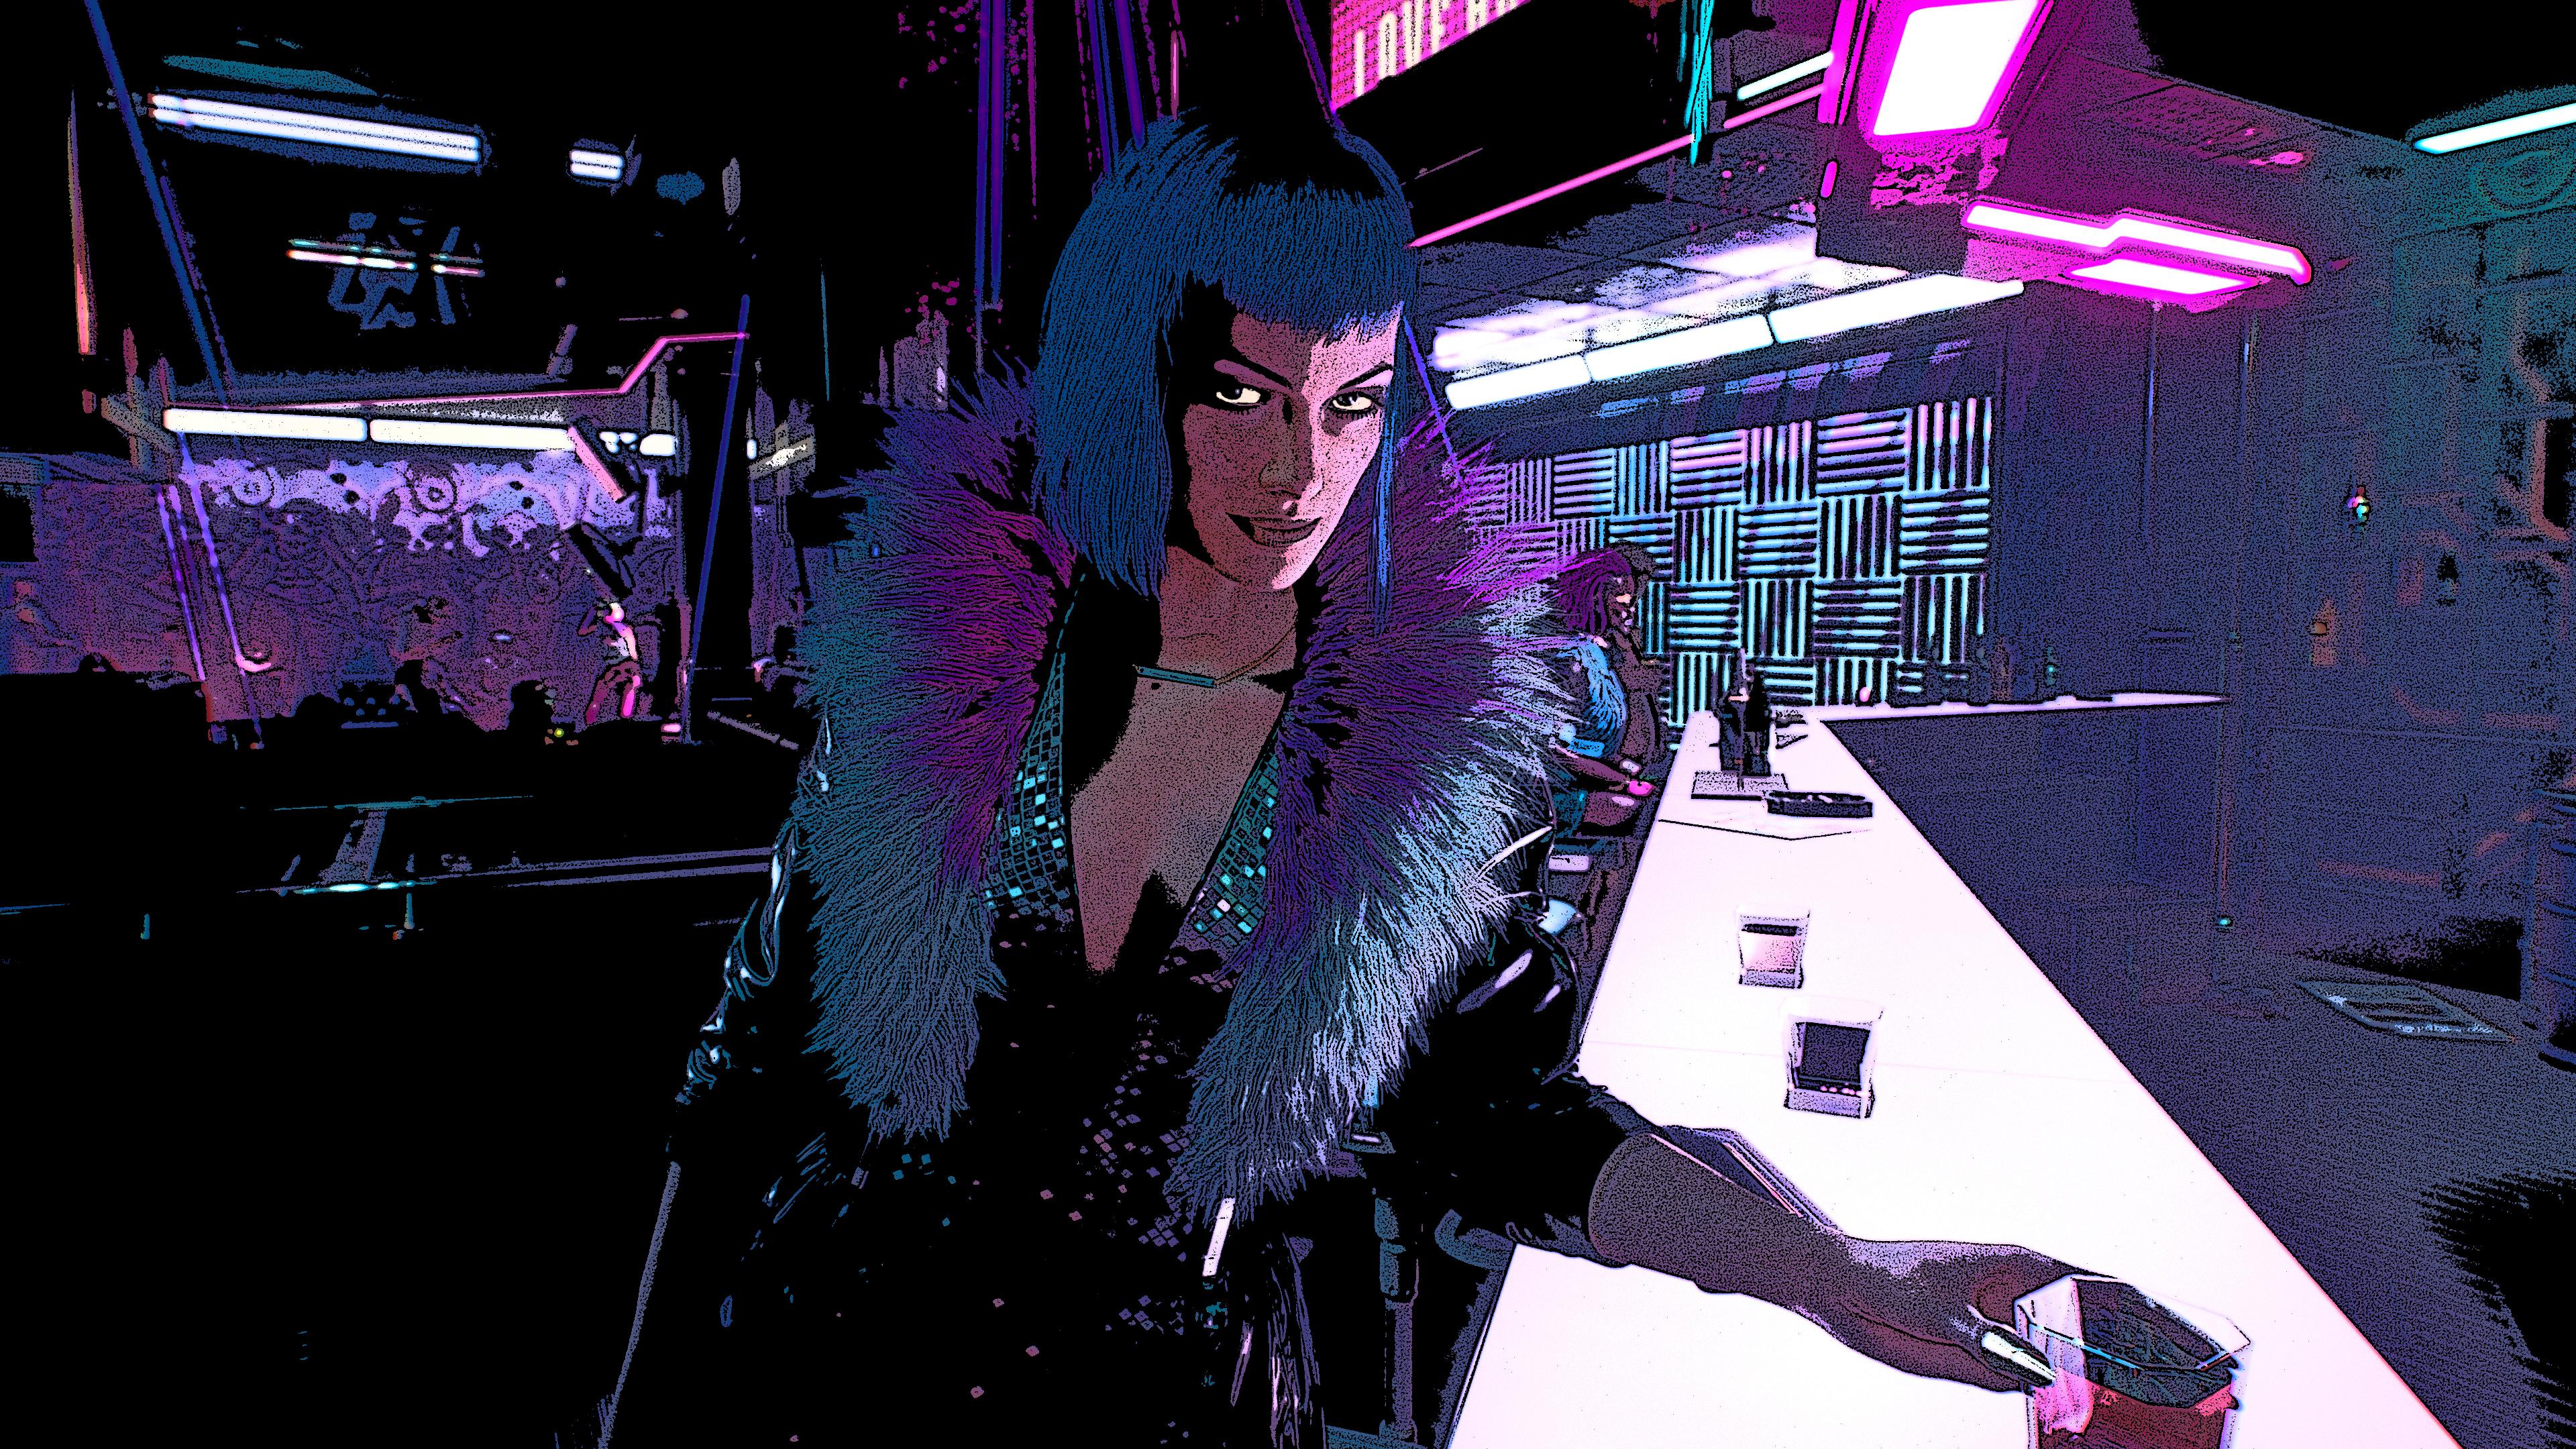 yjgkgkyvg.jpg - Cyberpunk 2077